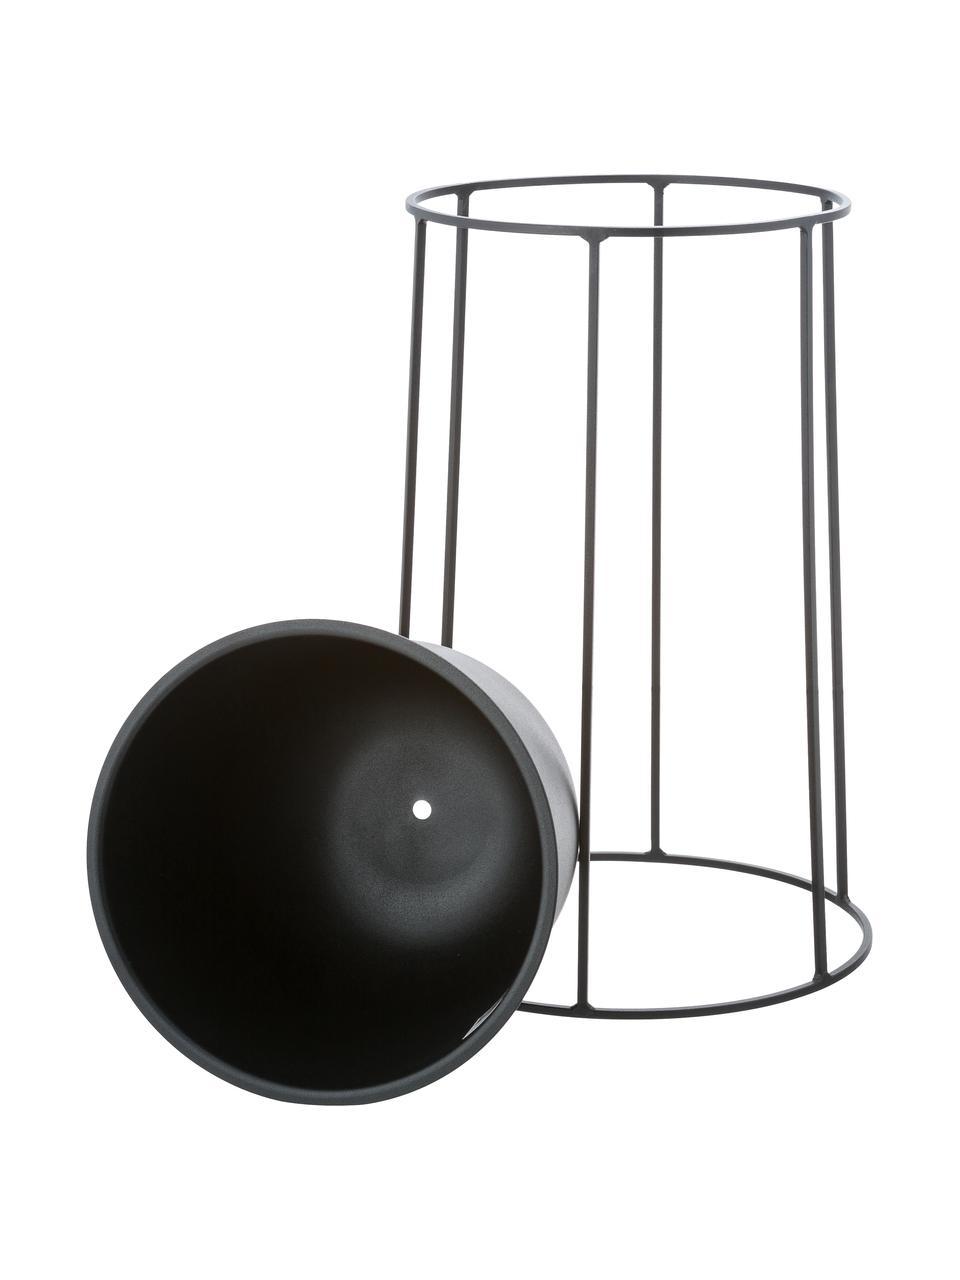 Grote plantenpot Wire Pot van staal, Staal, poedergecoat, Zwart, Ø 23 x H 17 cm